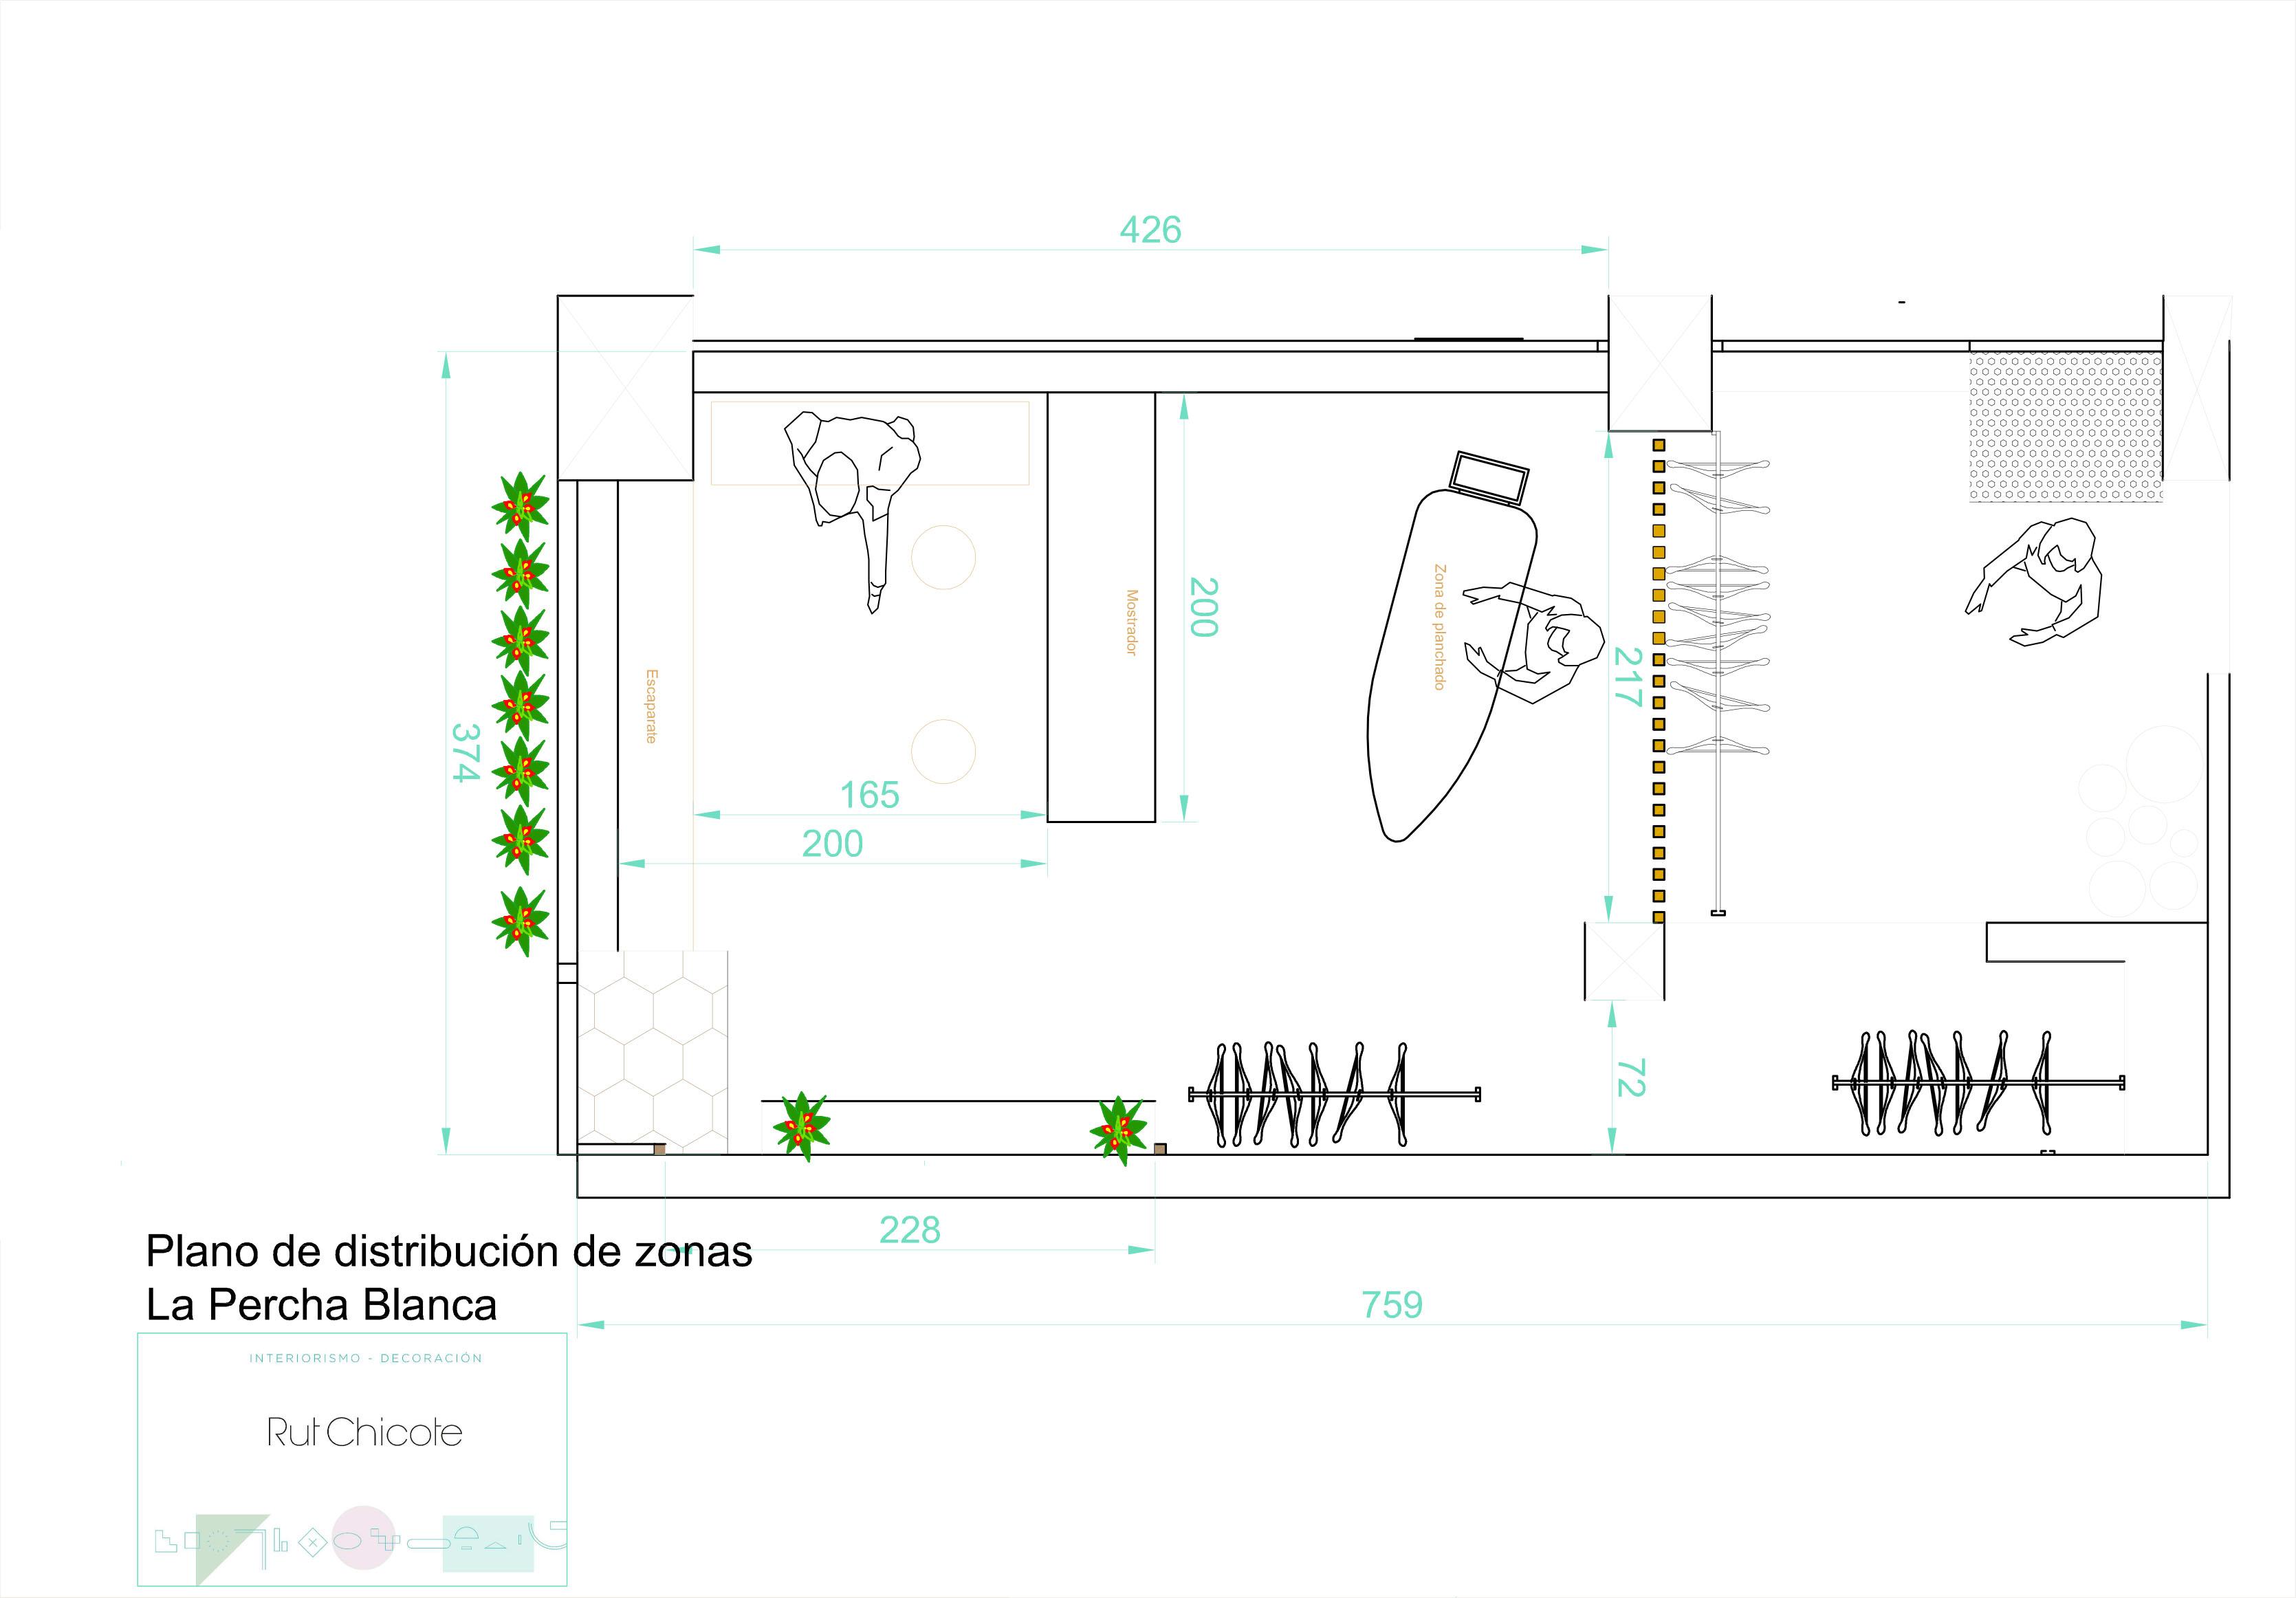 Proyectos de interiorismo. Tíntorería La Percha Blanca